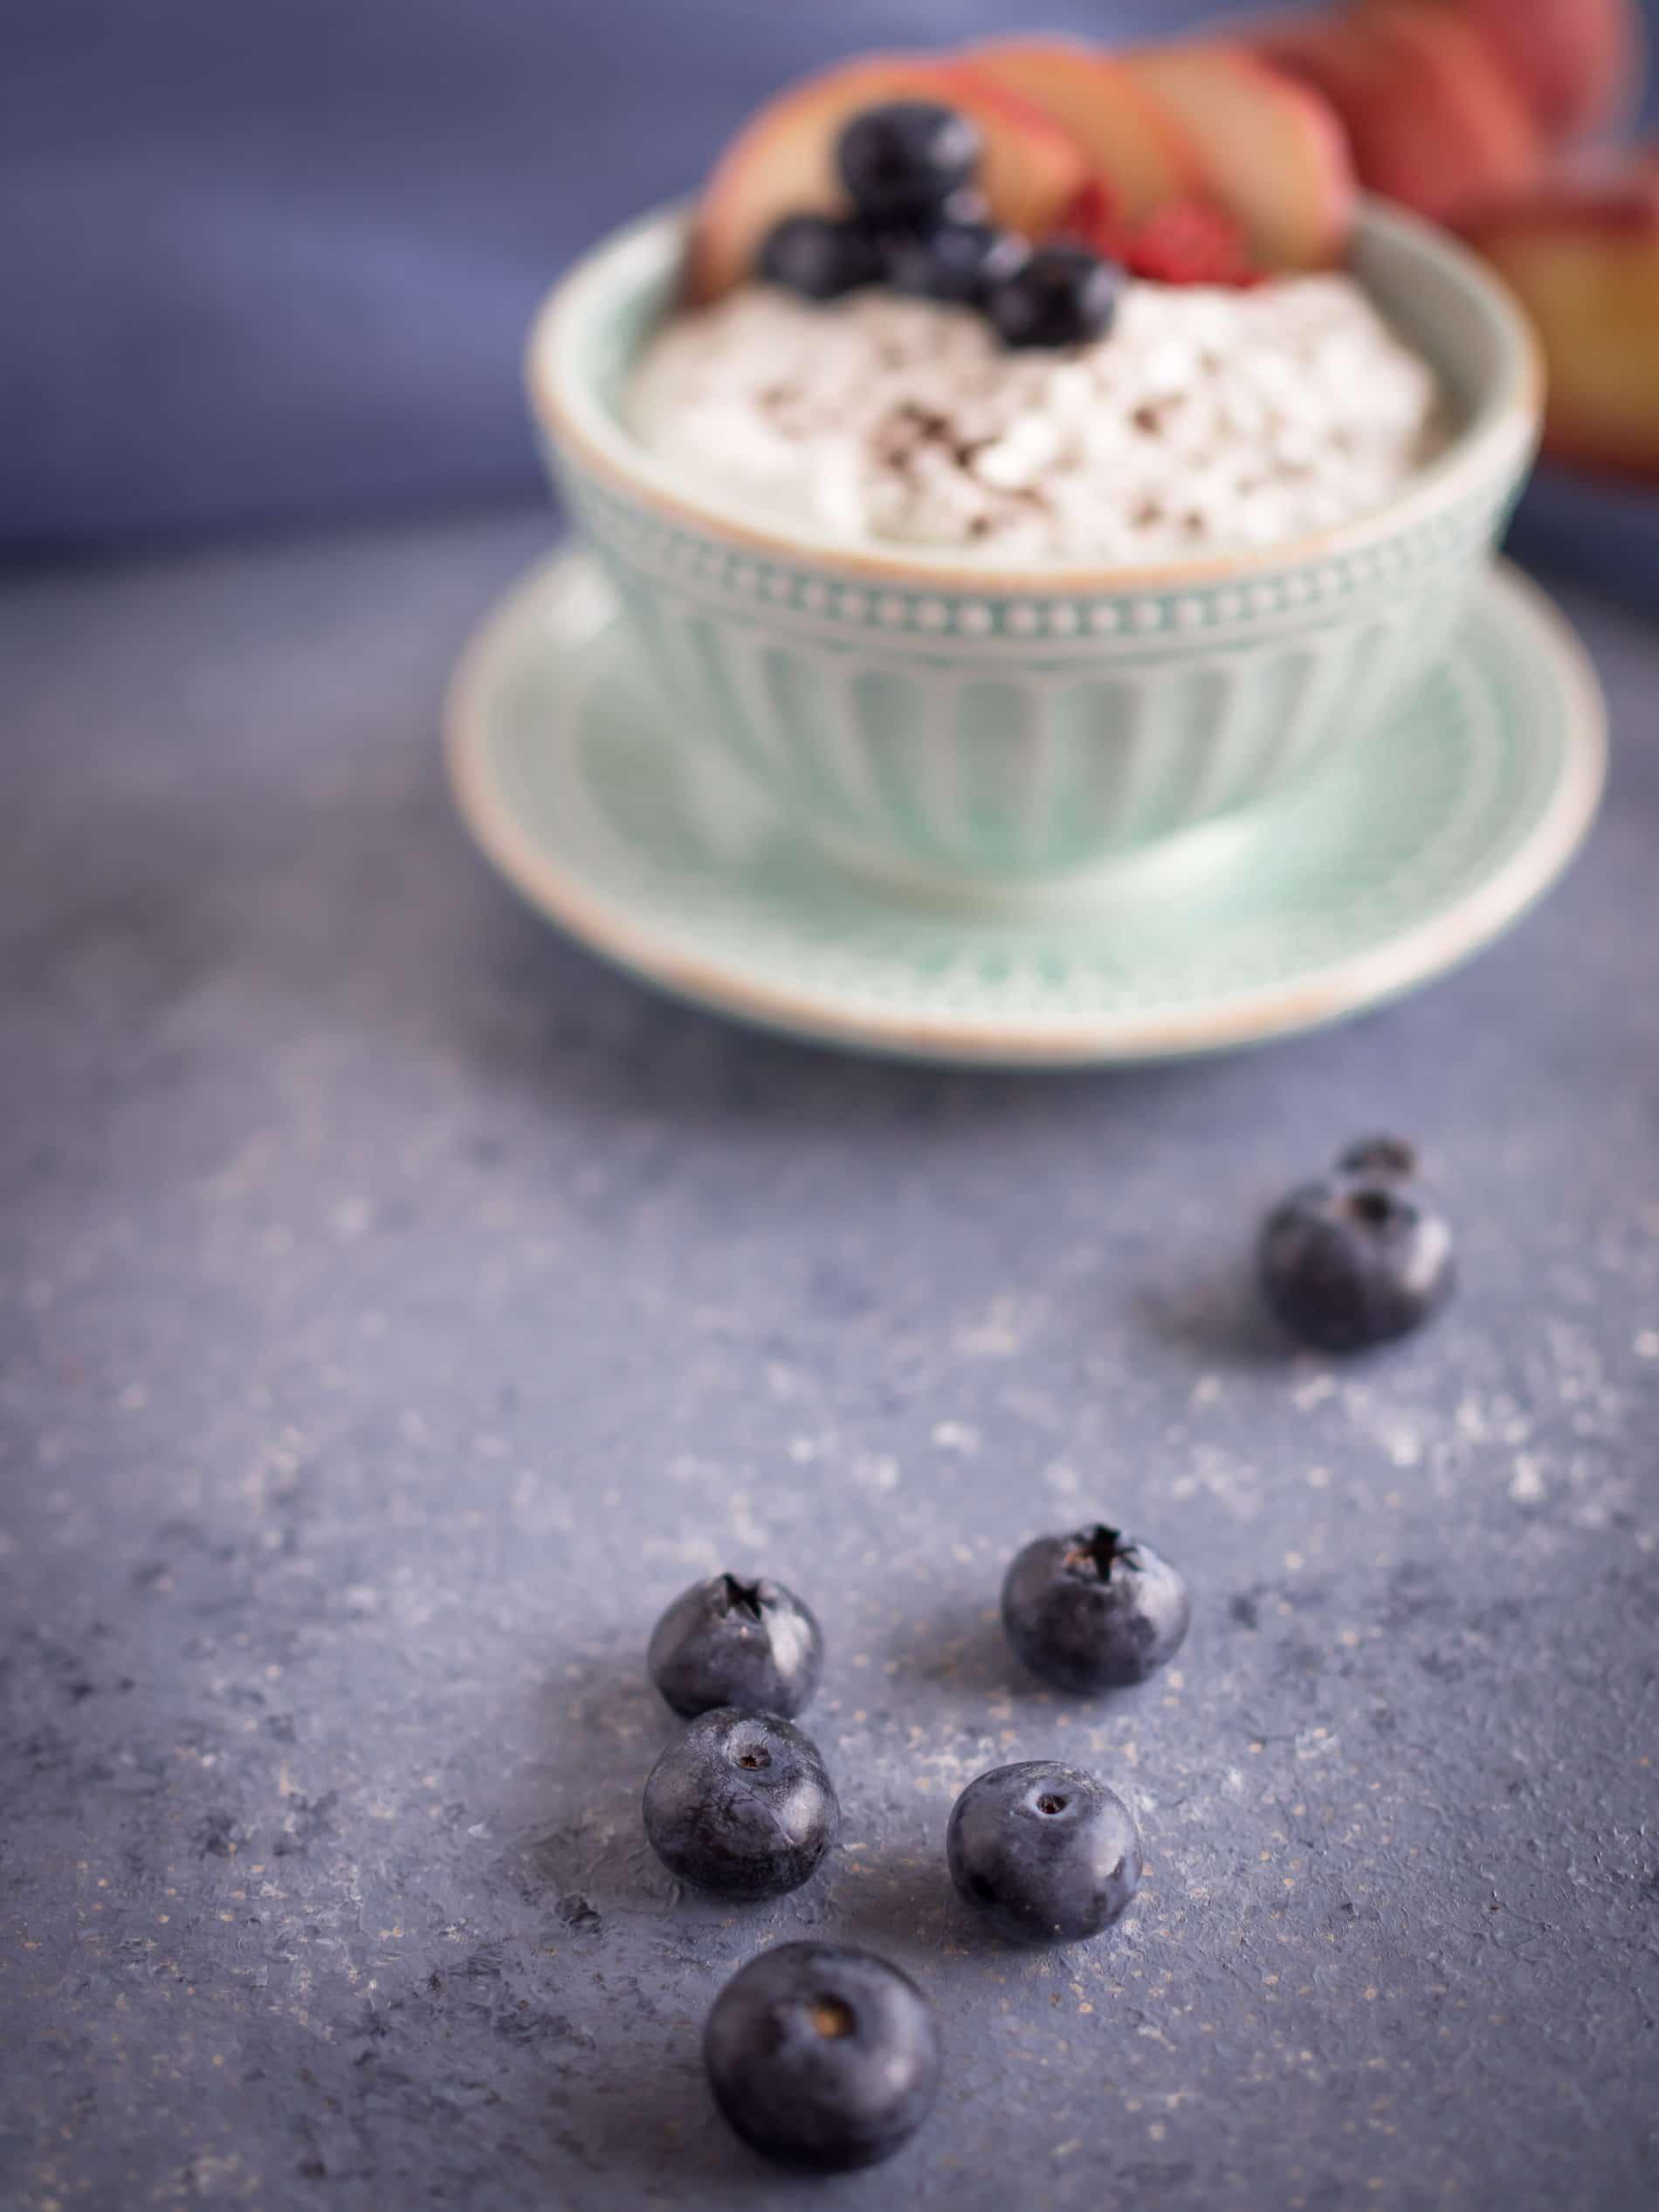 Cashew Joghurt mit Brottrunk selbstgemacht